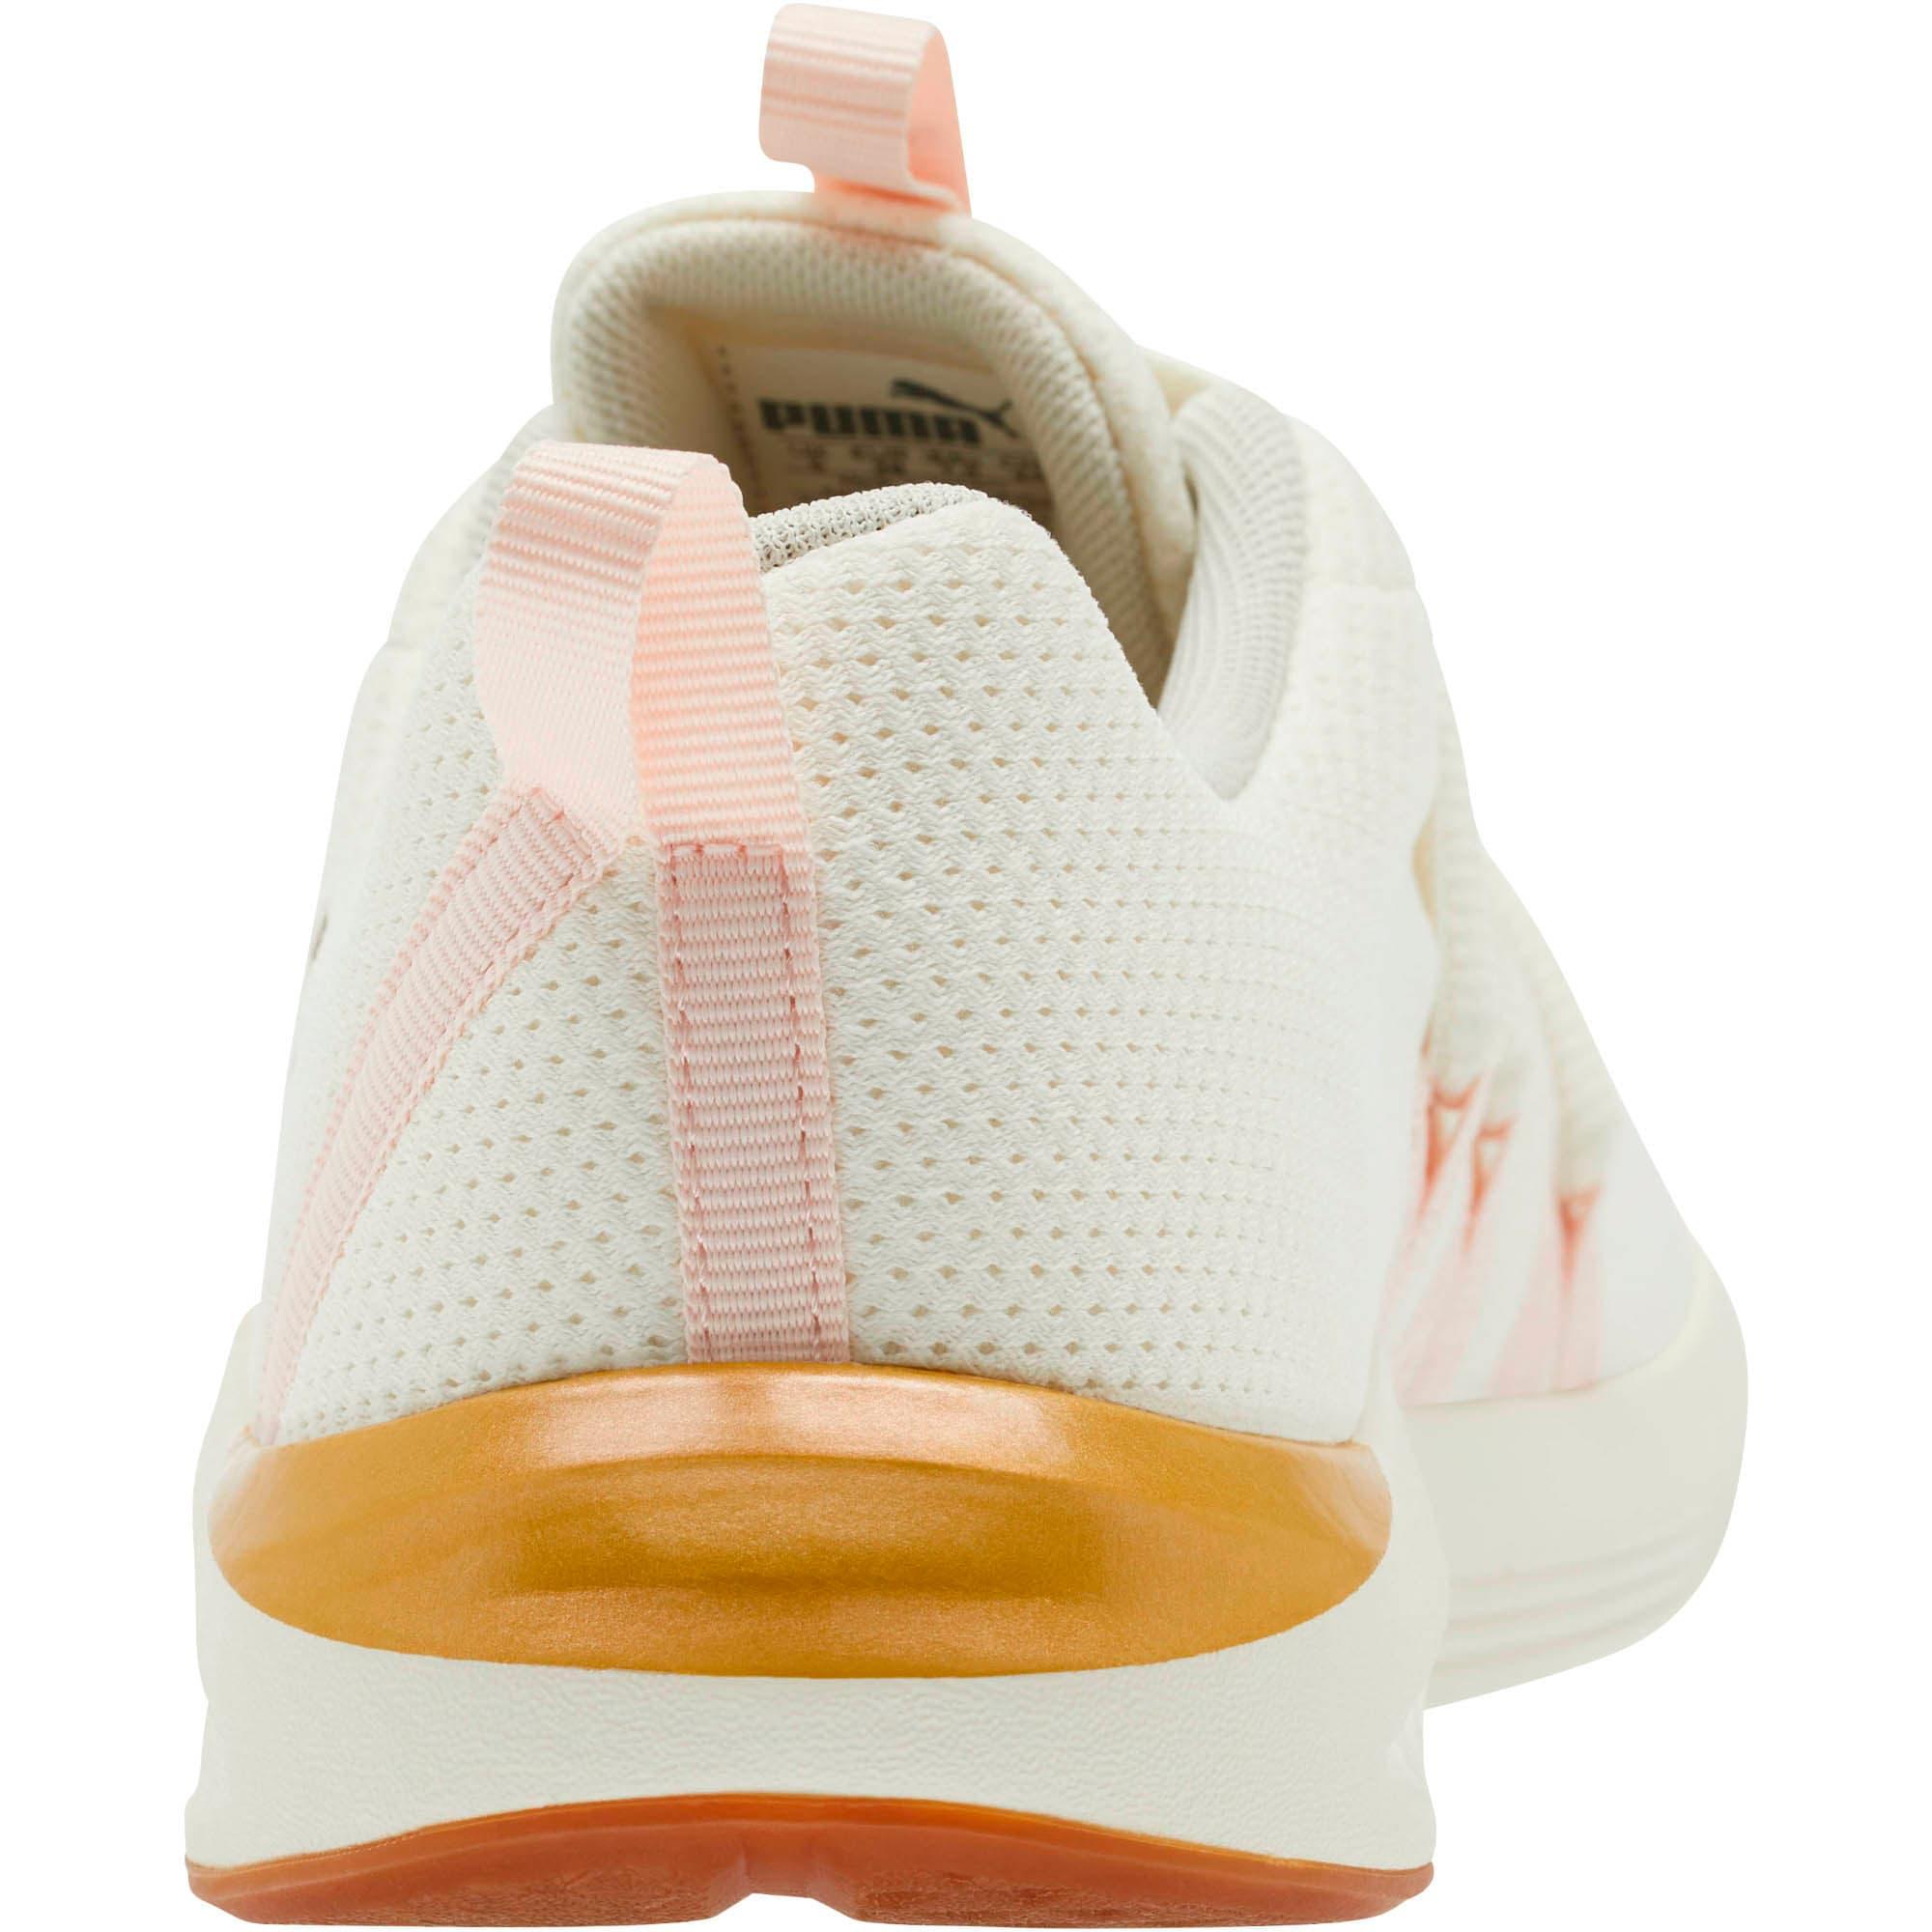 Thumbnail 3 of Prowl Alt Sweet Women's Training Shoes, Whisper White-Barely Pink, medium